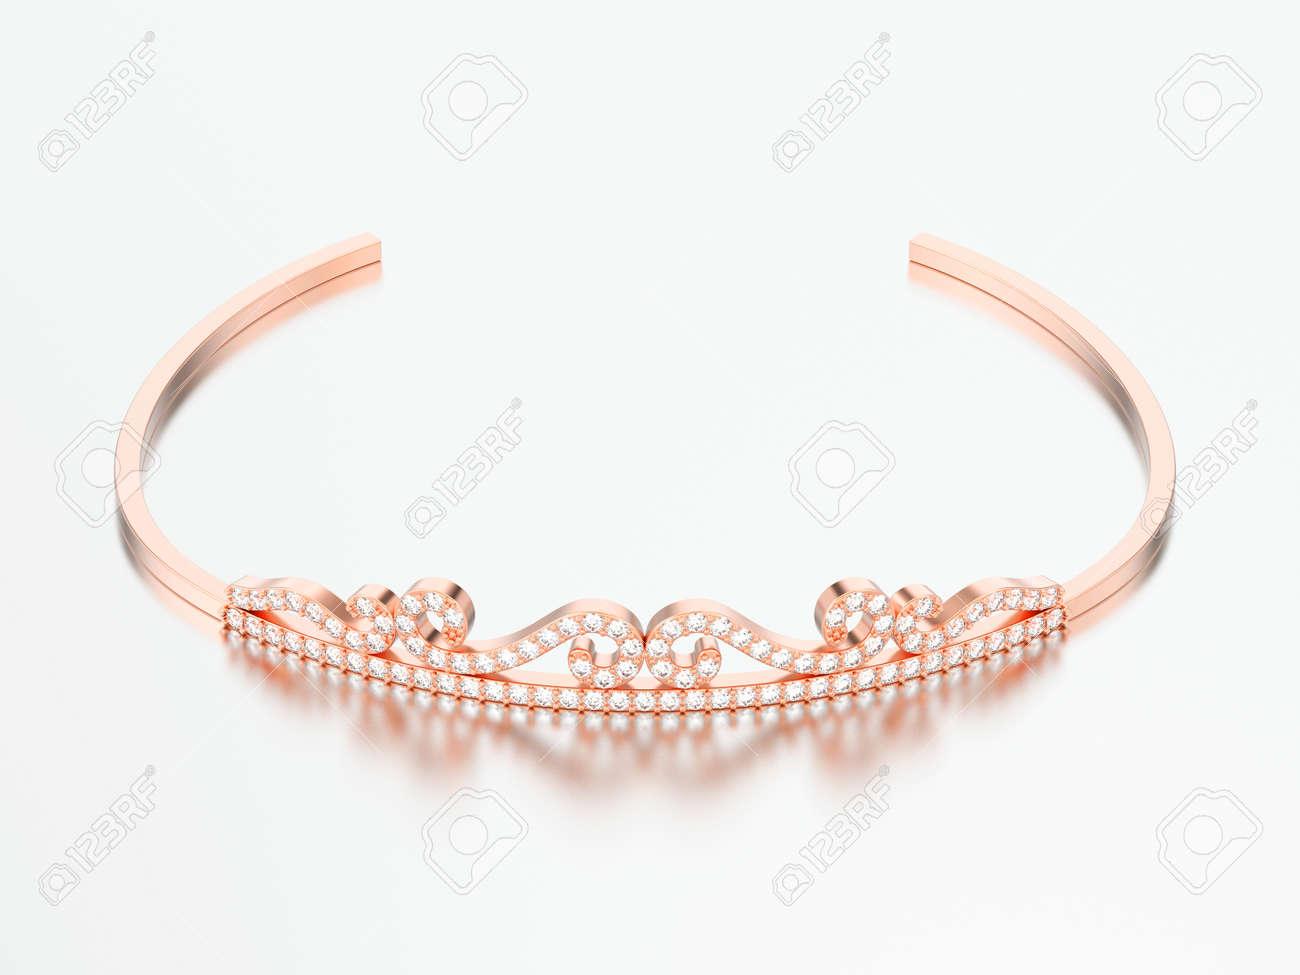 ahorre hasta 80% comprar baratas precio oficial 3d ilustración de oro joya de diamante de oro diadema linda sobre un fondo  gris